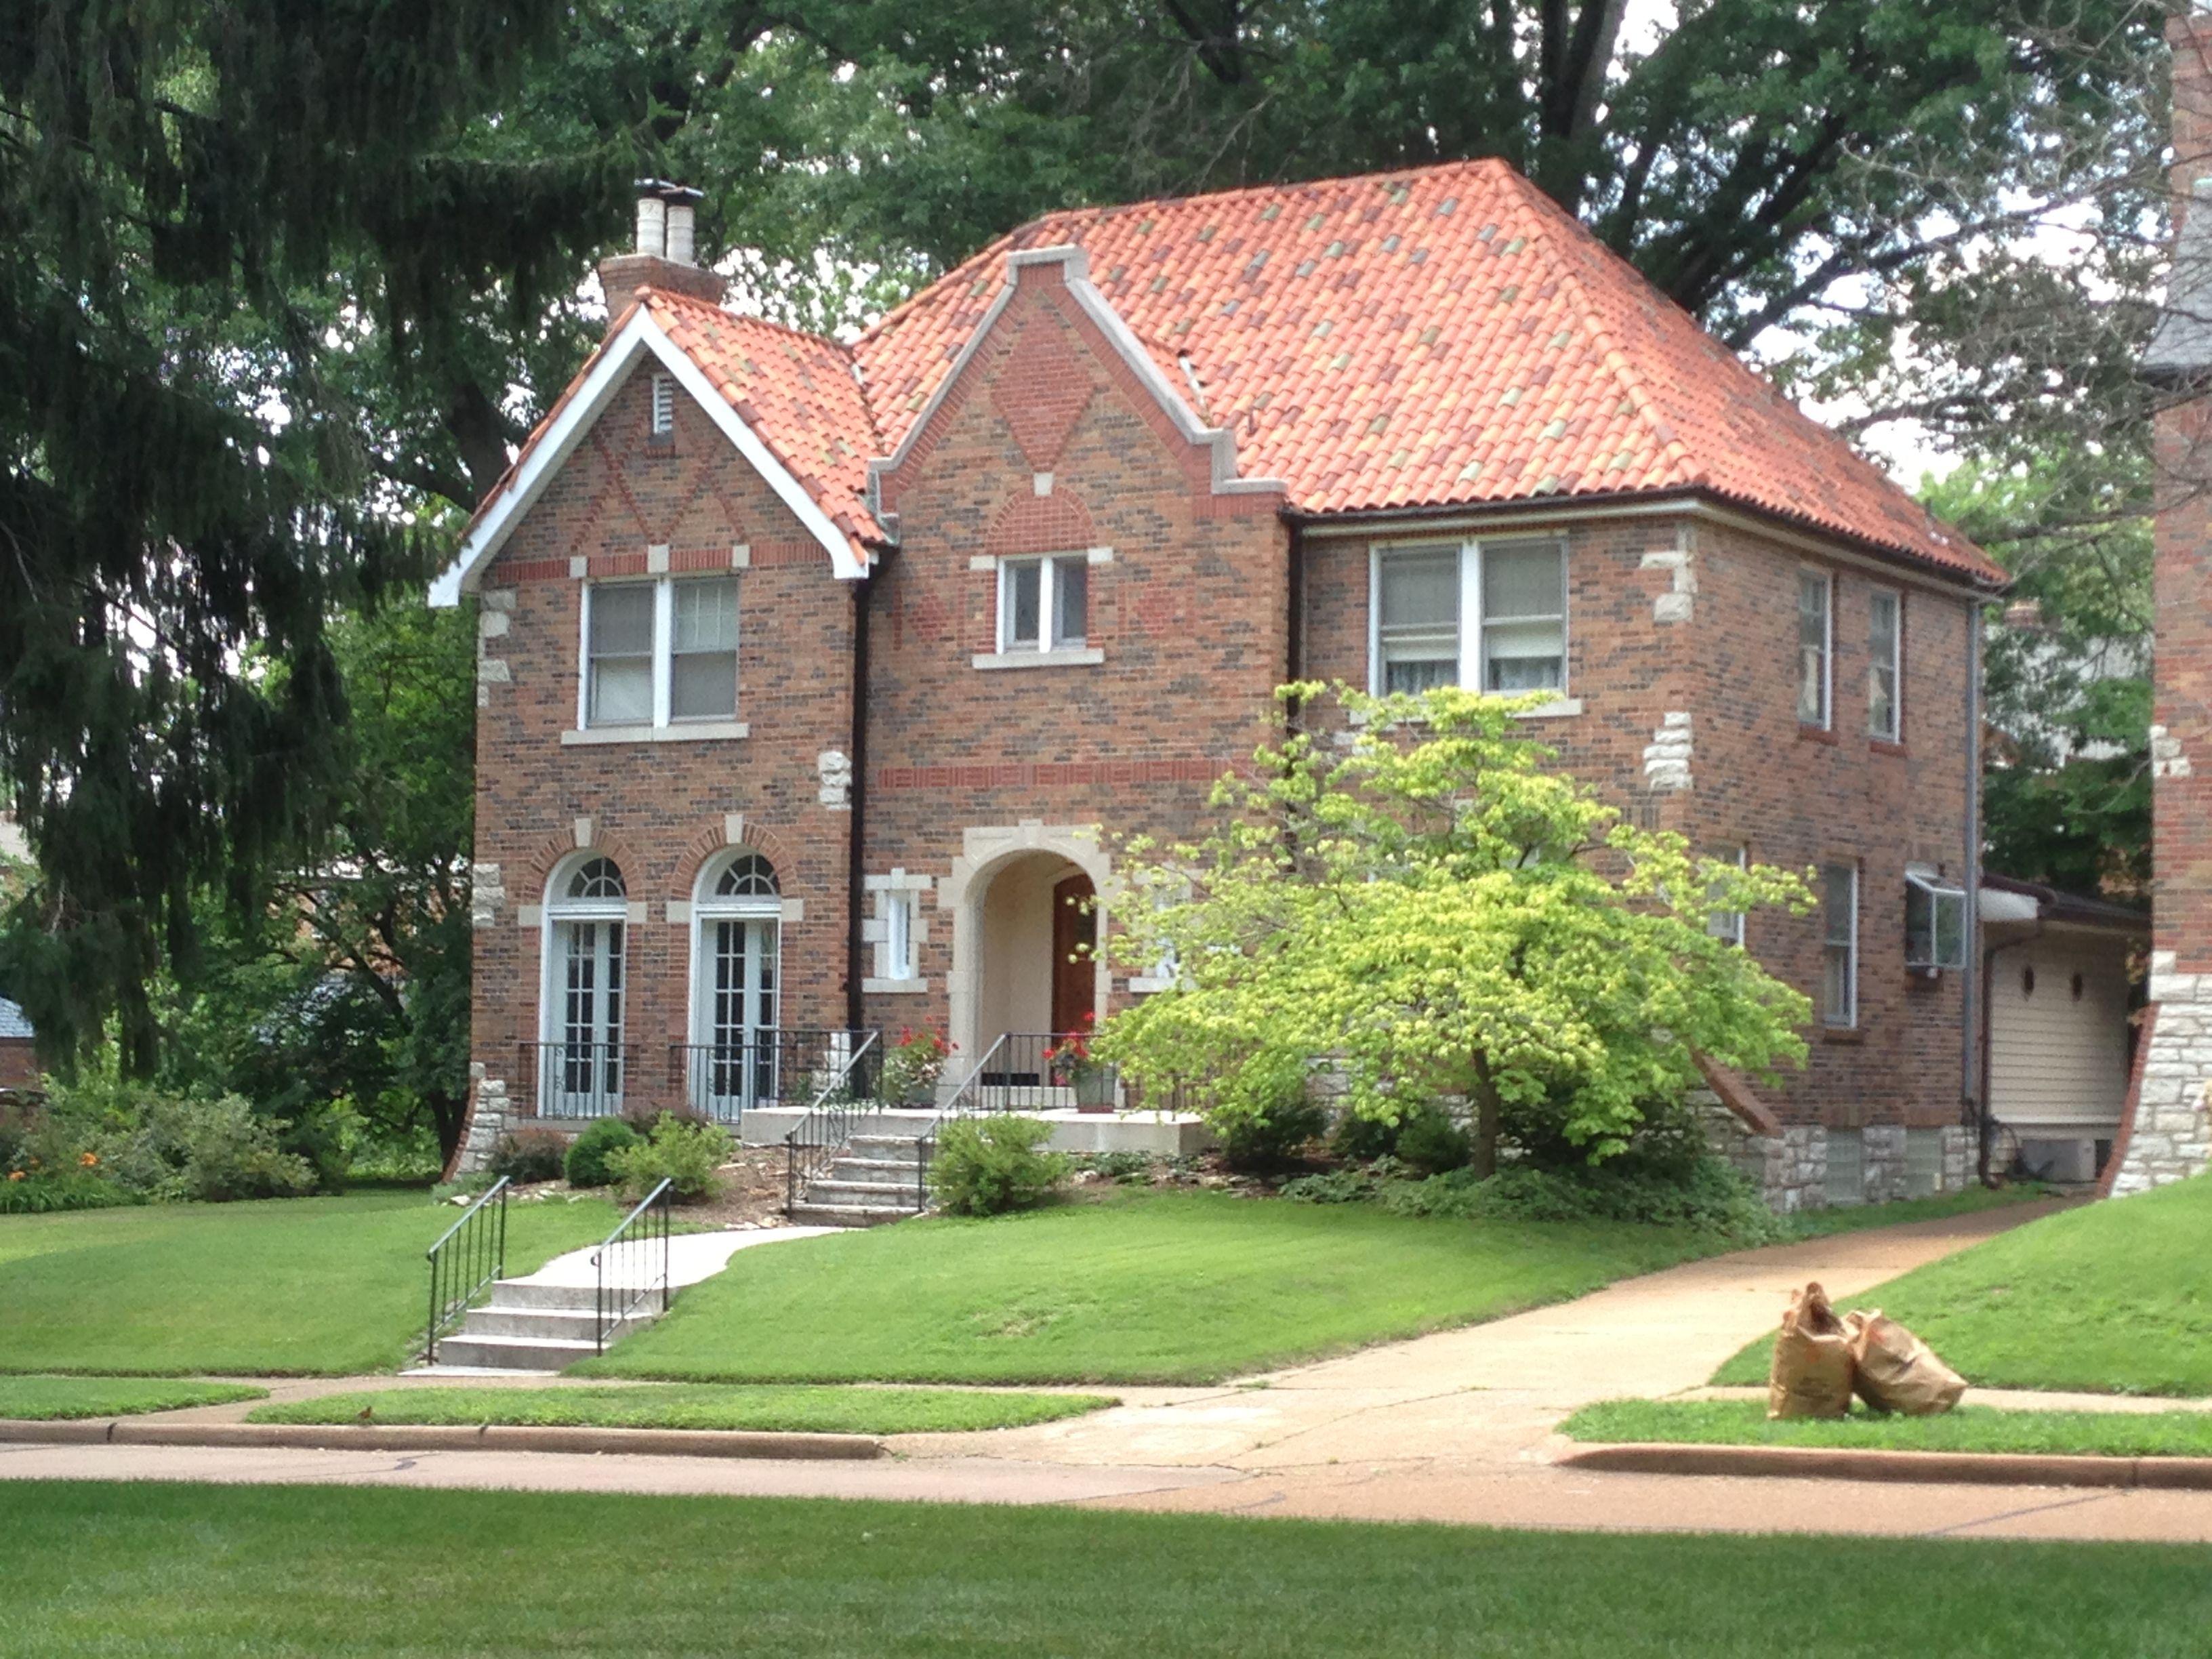 Pasadena Hills Mo. Brick Tudor Eclectic With Terra Cotta